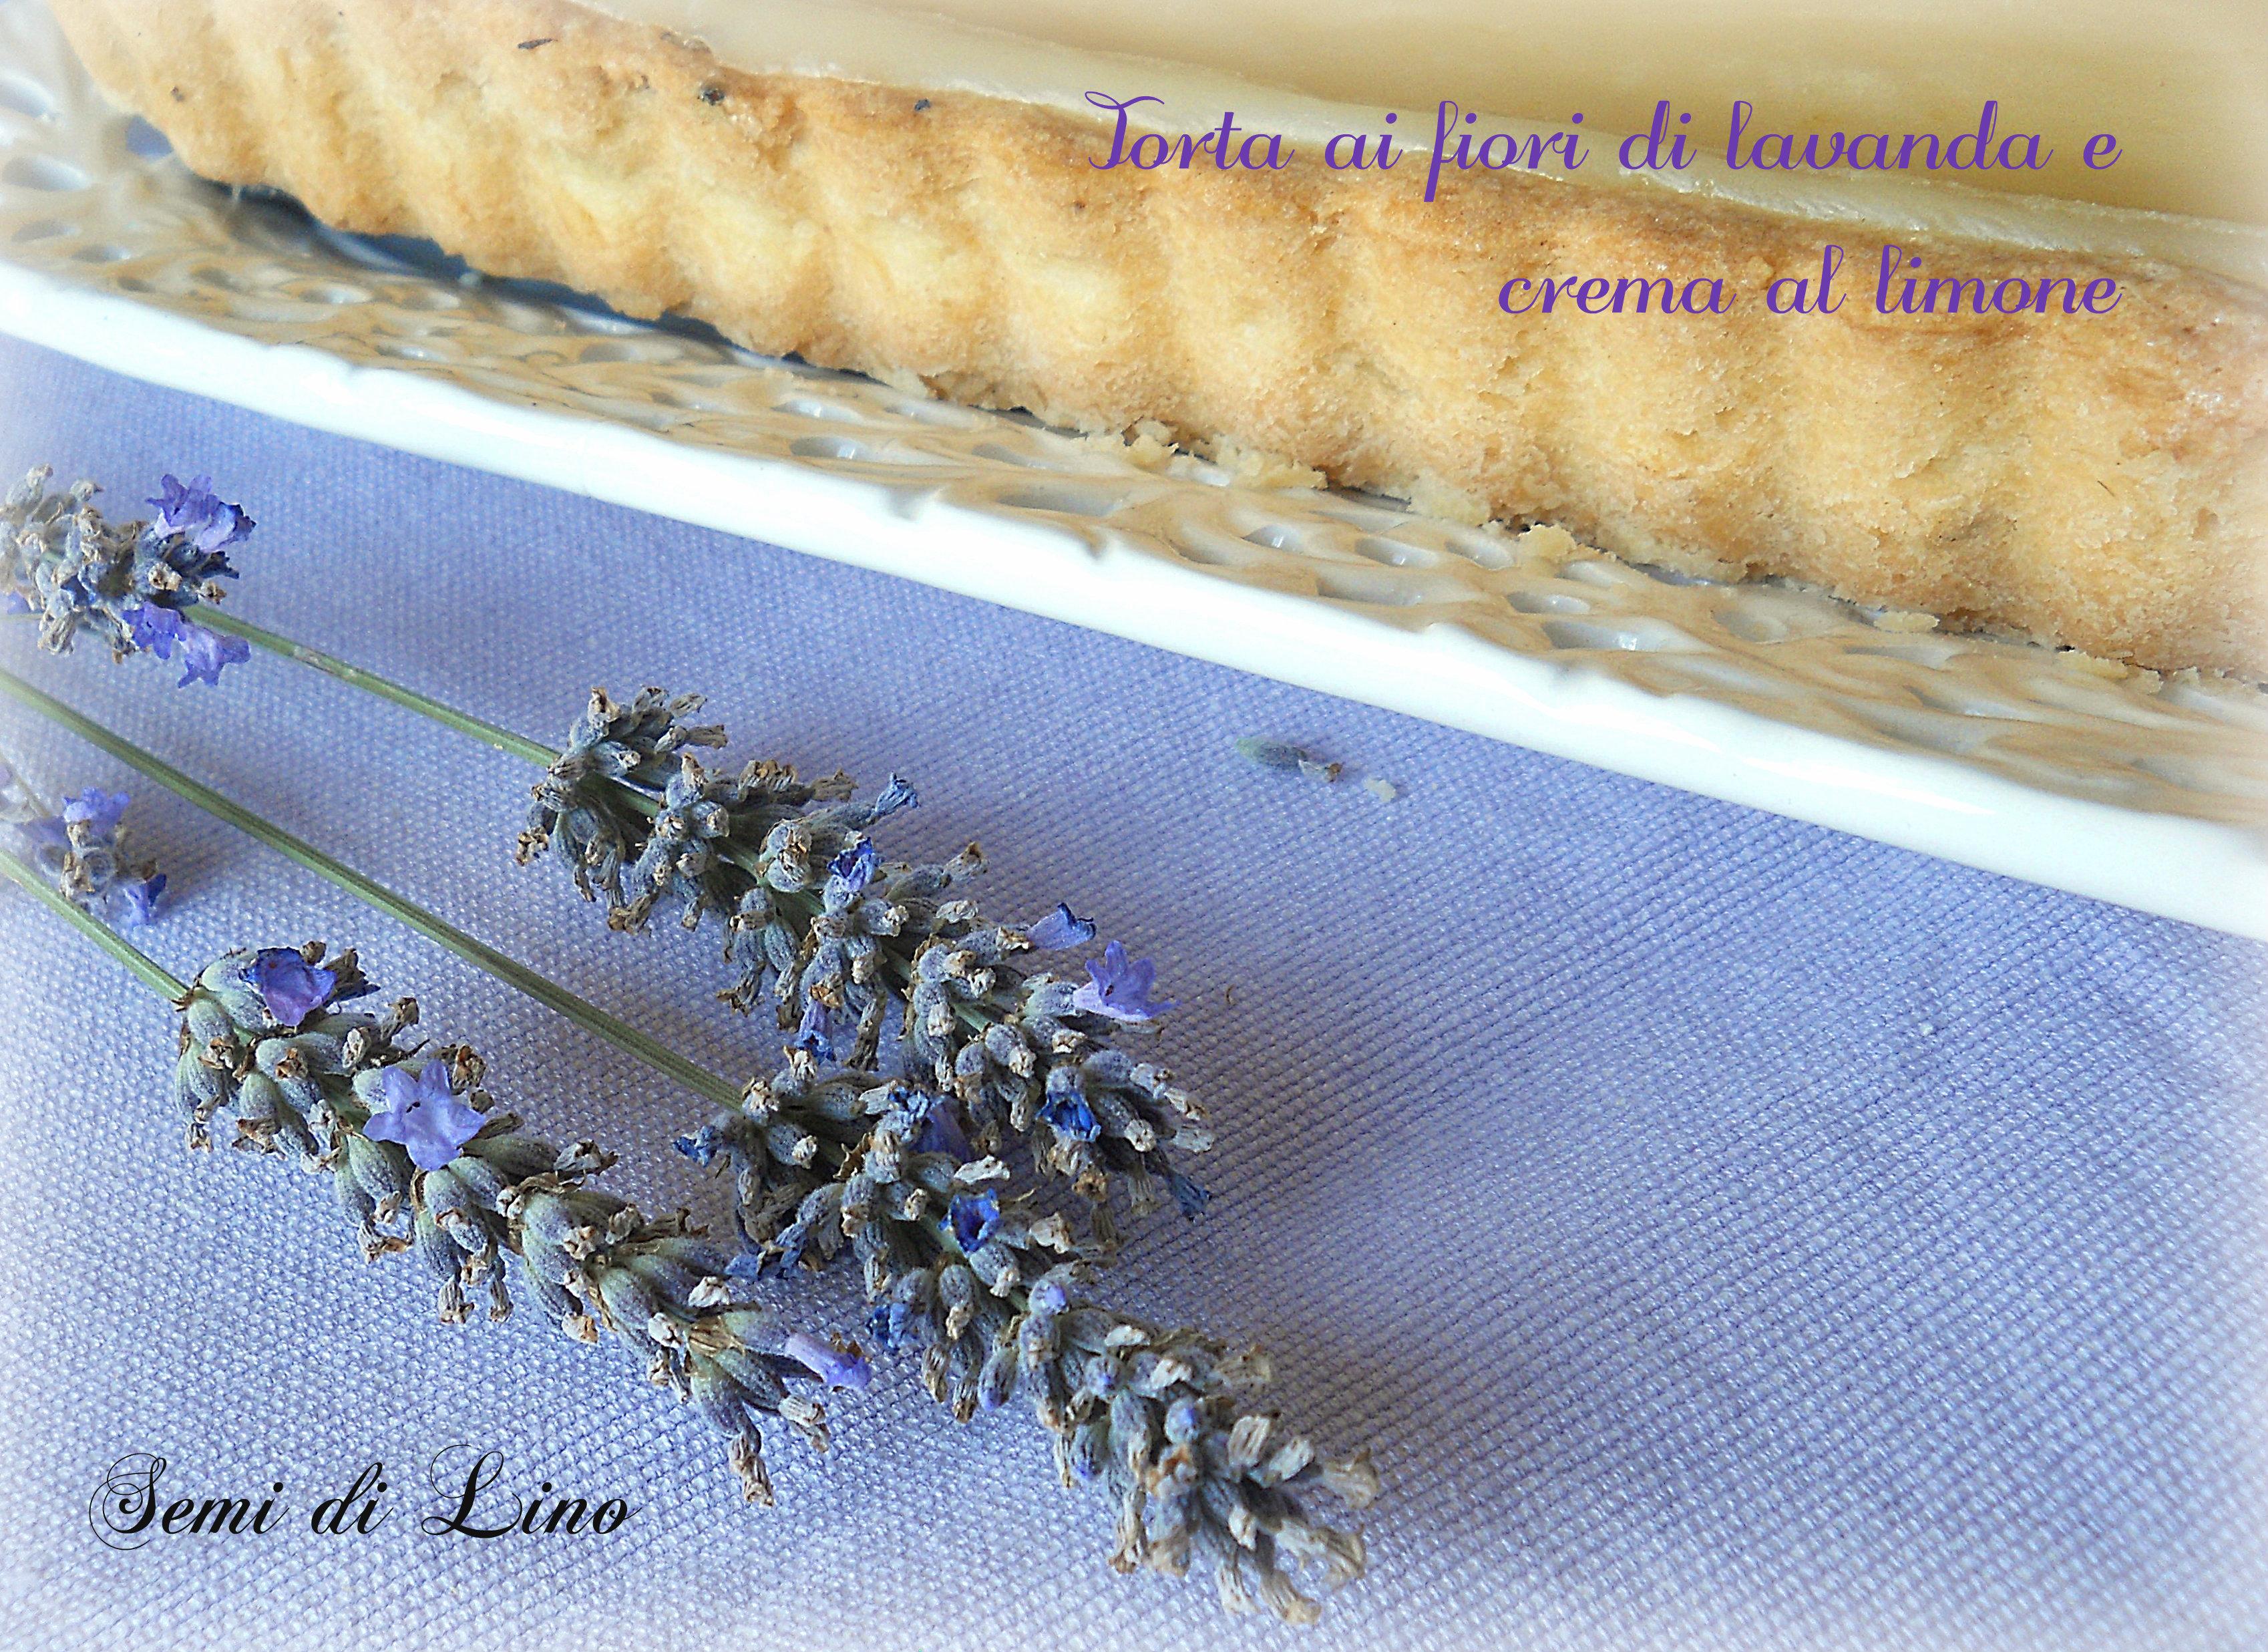 Torta ai fiori di lavanda e crema al limone semi di lino for Fiori di lavanda